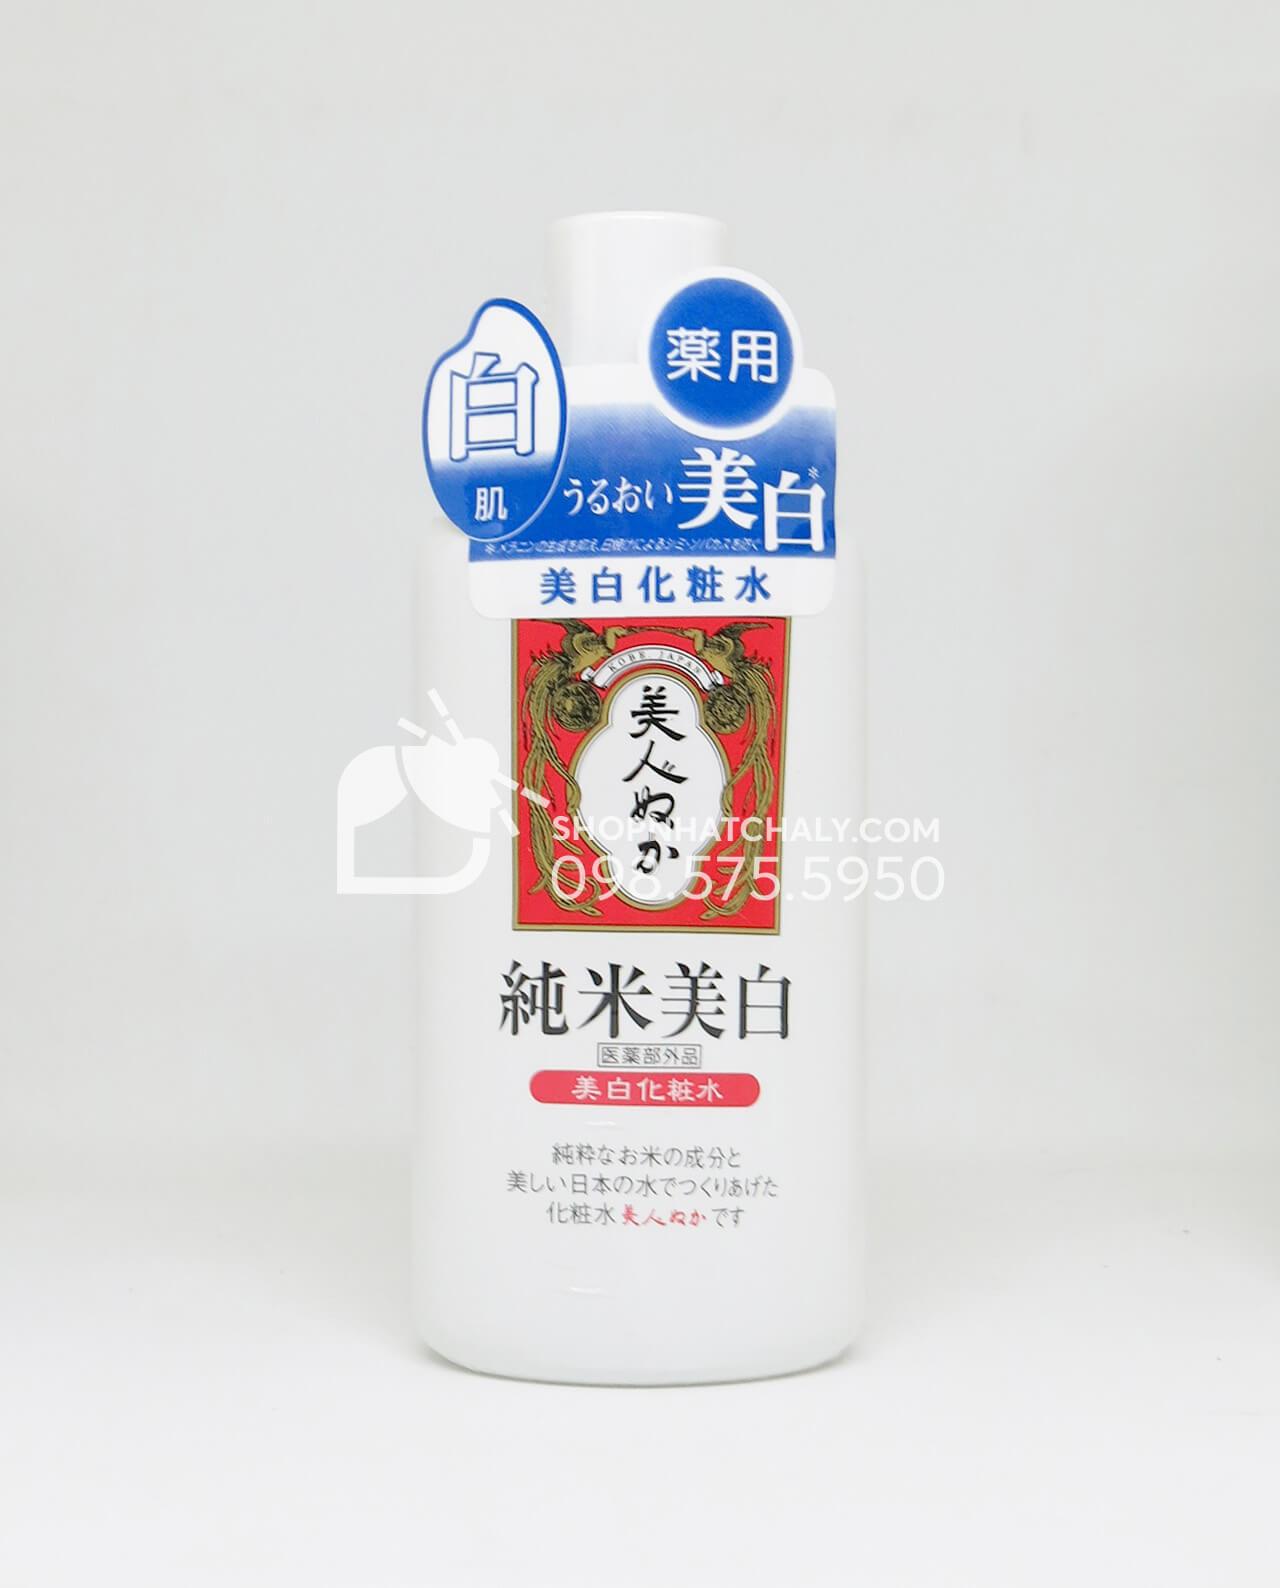 Nước hoa hồng dưỡng trắng Bijin Nuka Whitening tinh chất cám gạo